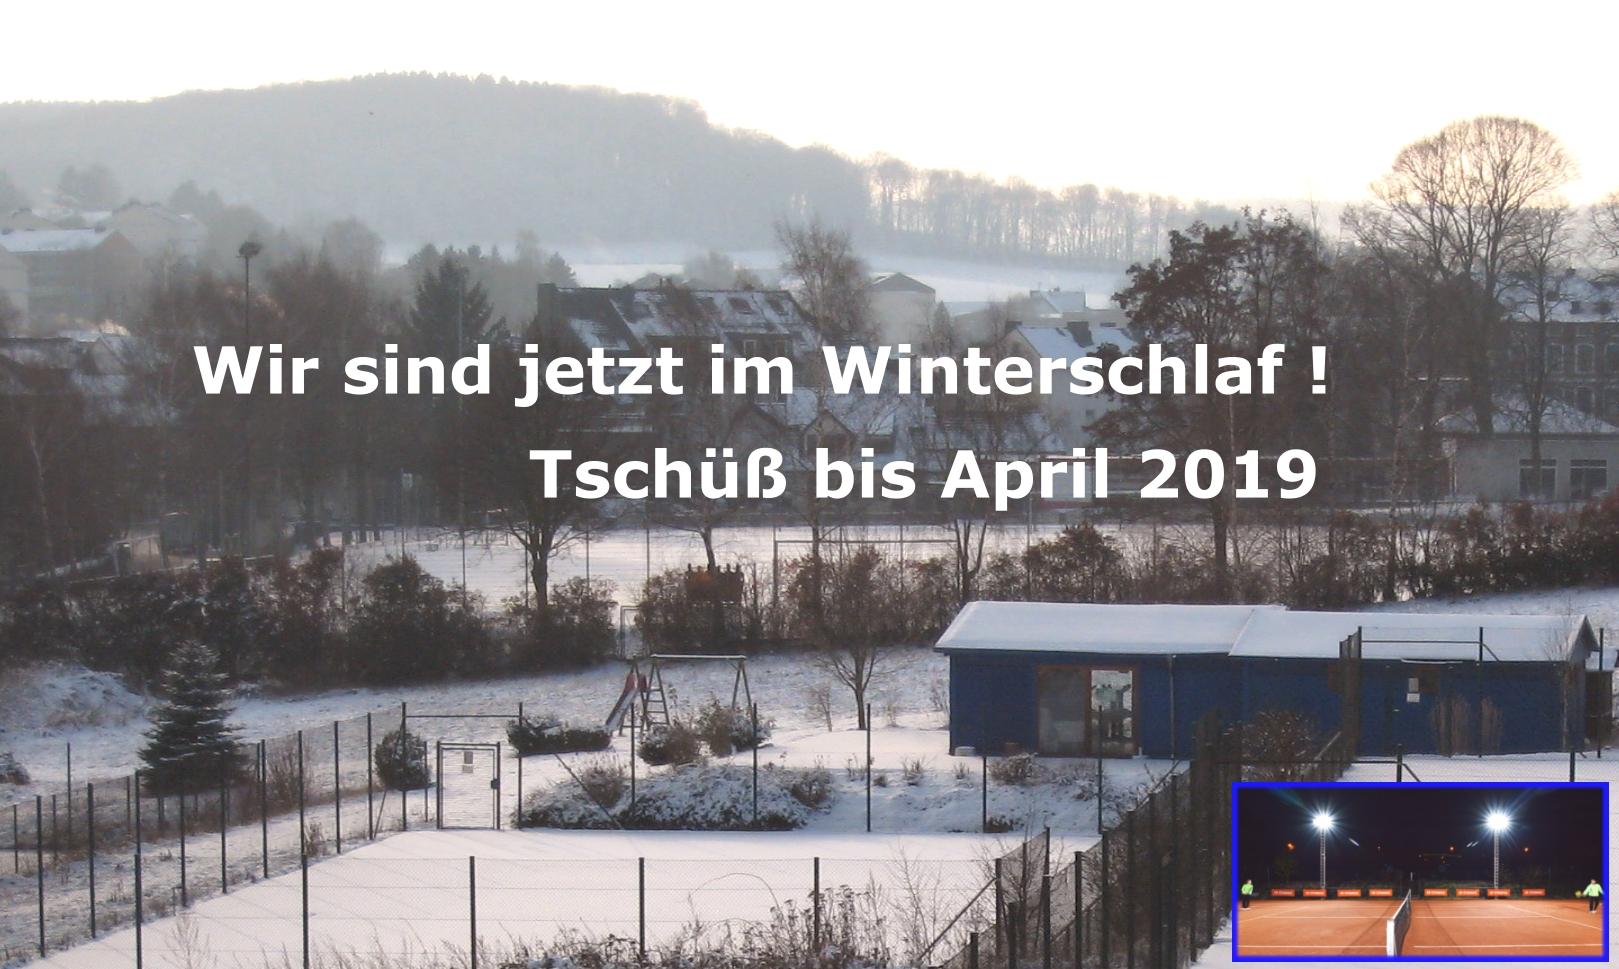 Winterschlaf TVV